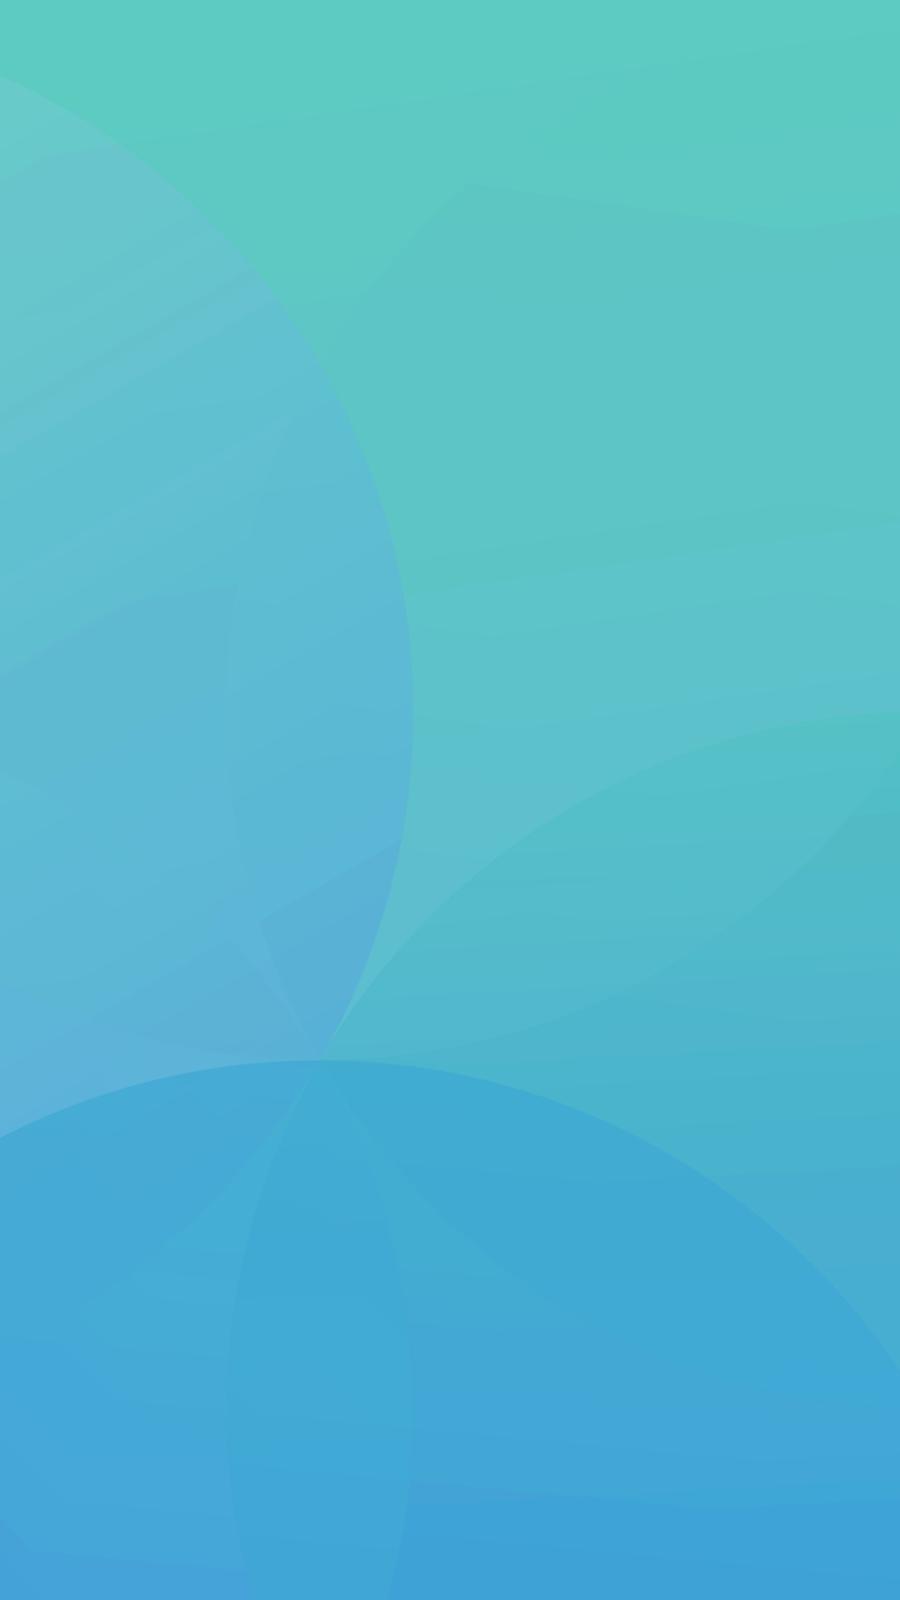 MIUI 8 Kaleidoscope Designed Wallpapers | Xiaomi Smartphones Wallpapers